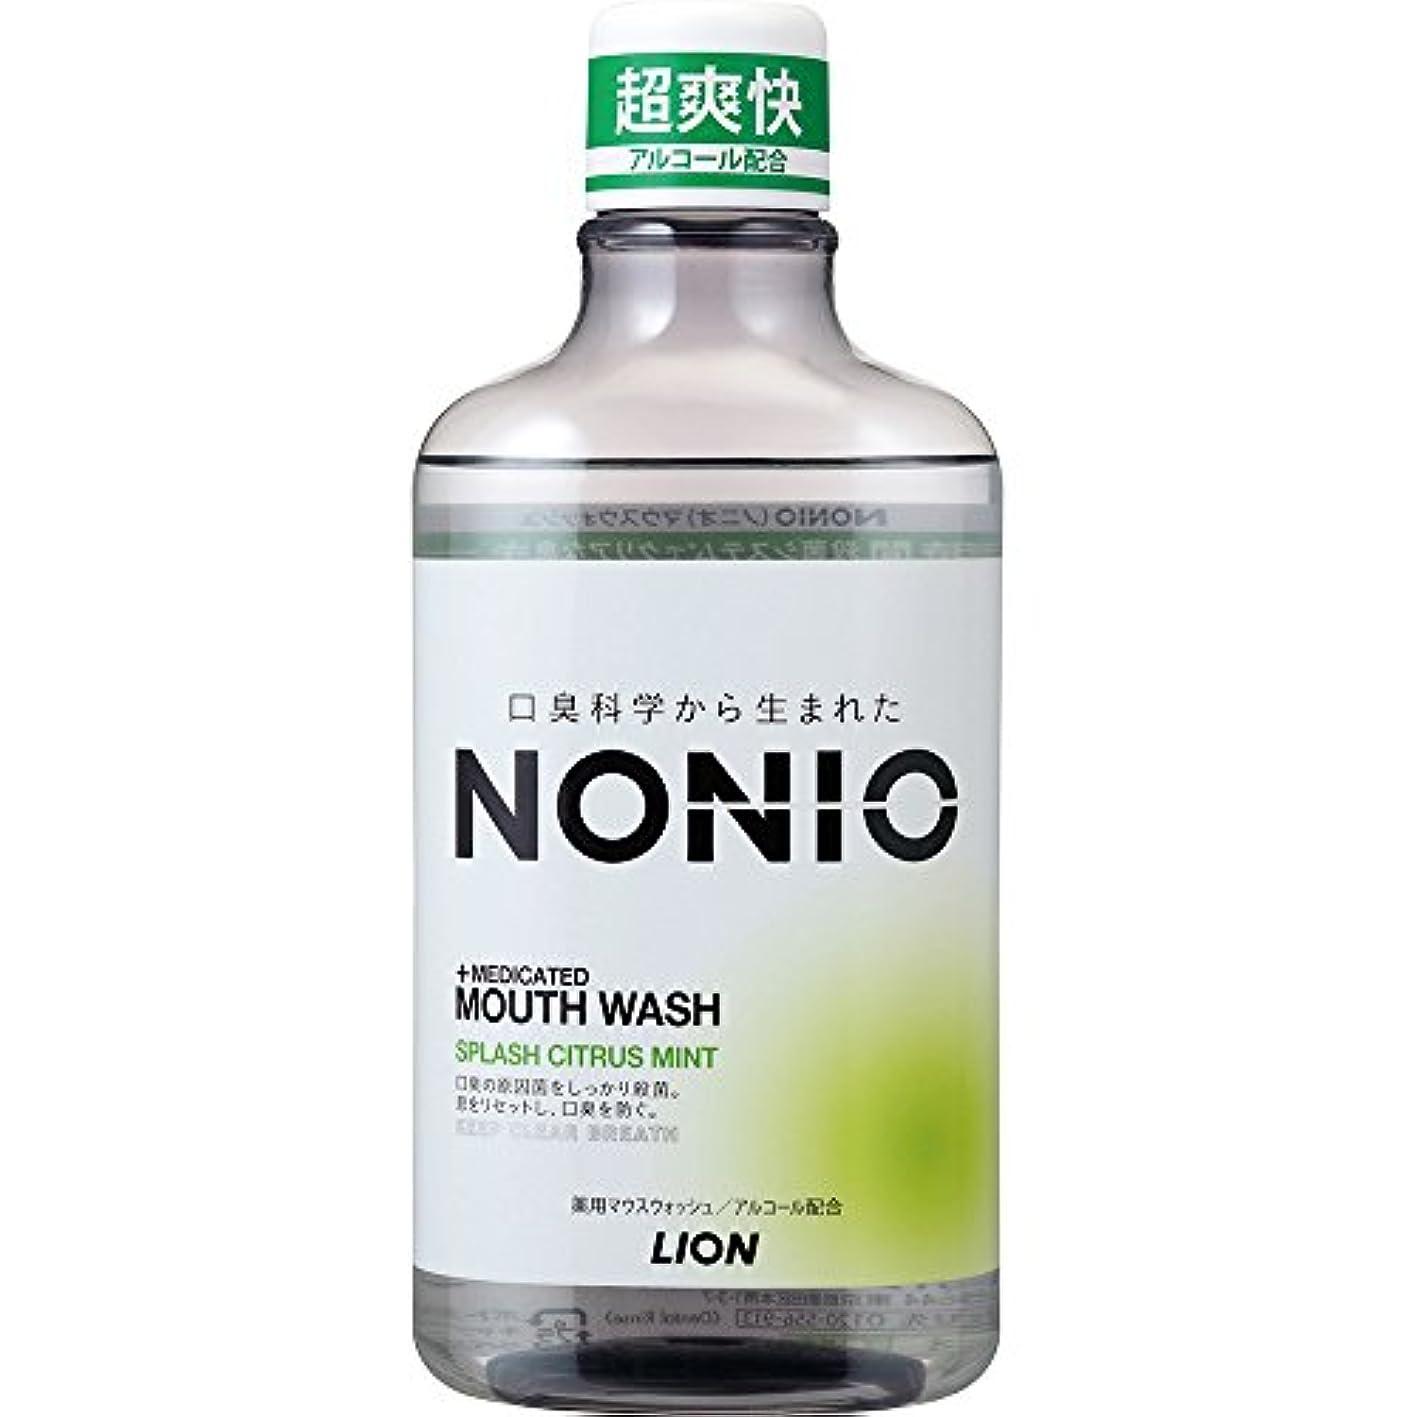 活性化する勝者障害[医薬部外品]NONIO マウスウォッシュ スプラッシュシトラスミント 600ml 洗口液